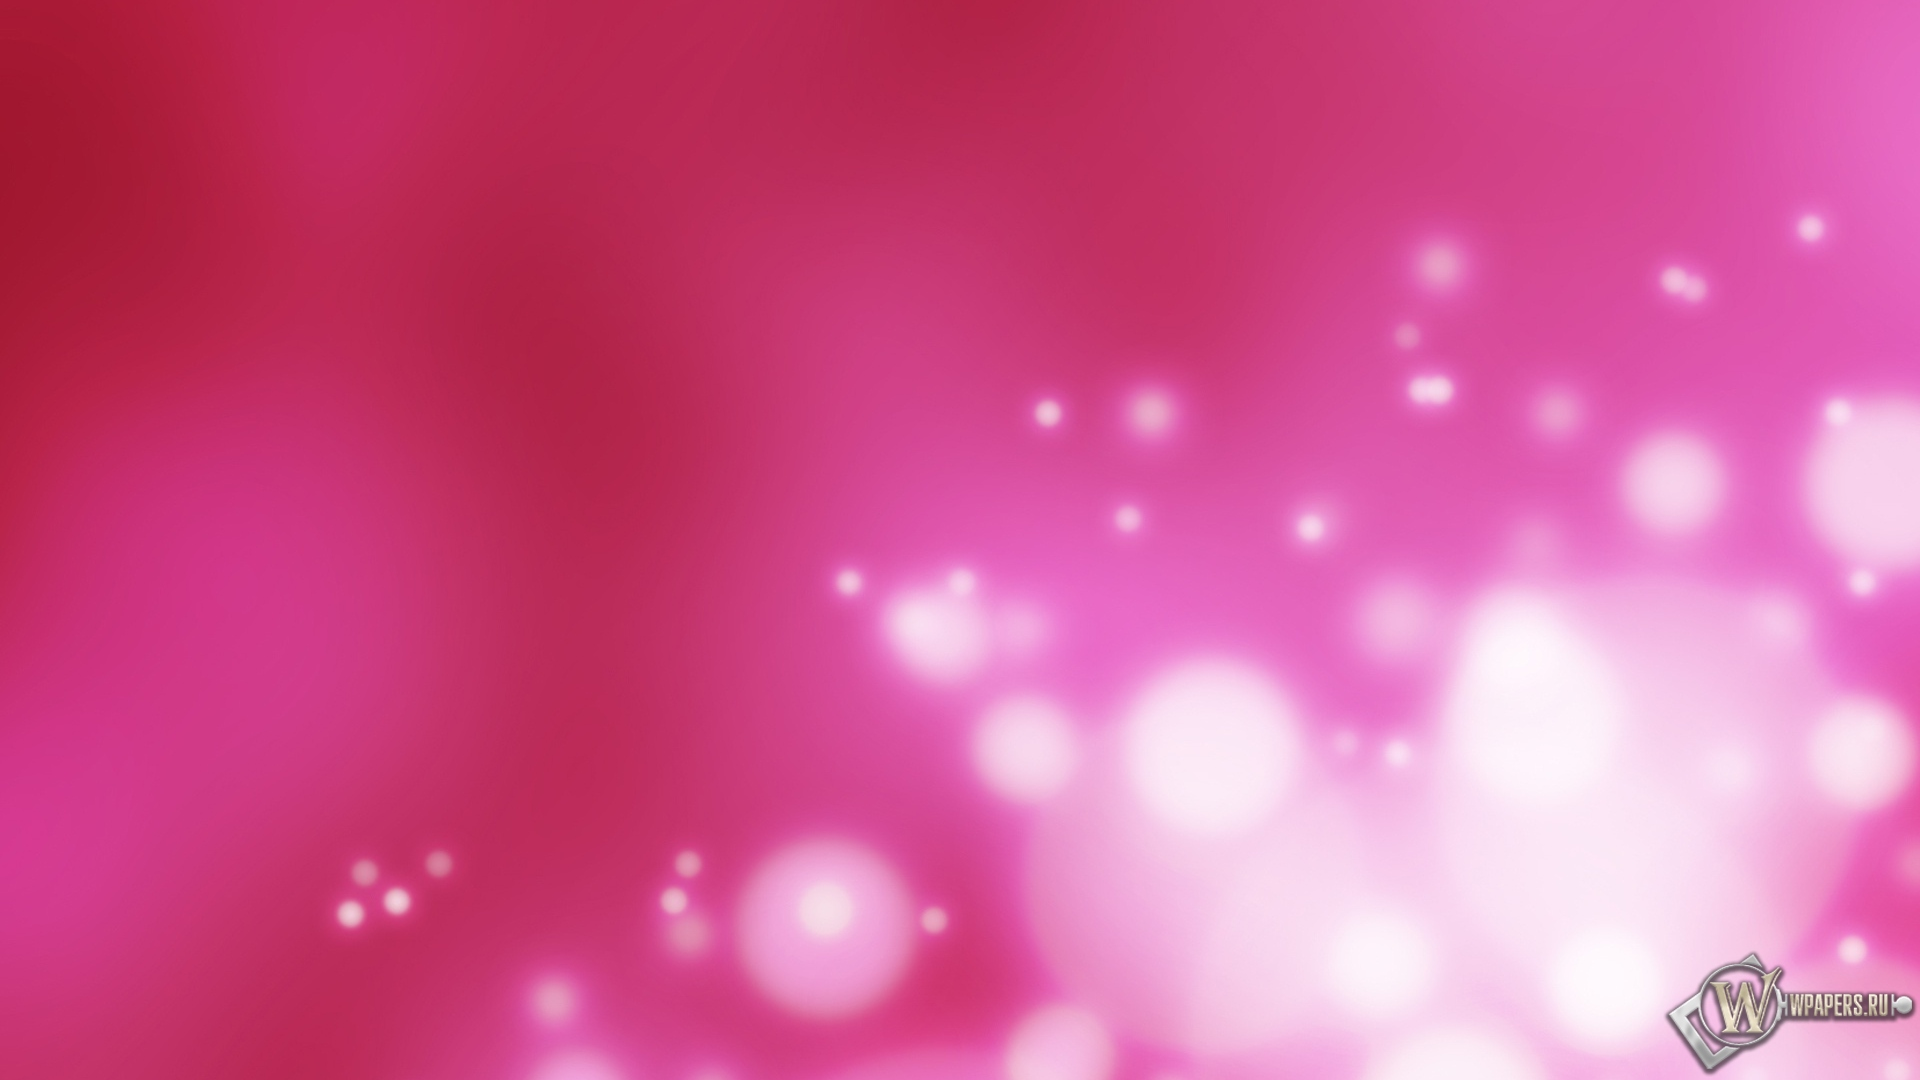 Обои розовая нежность на рабочий стол